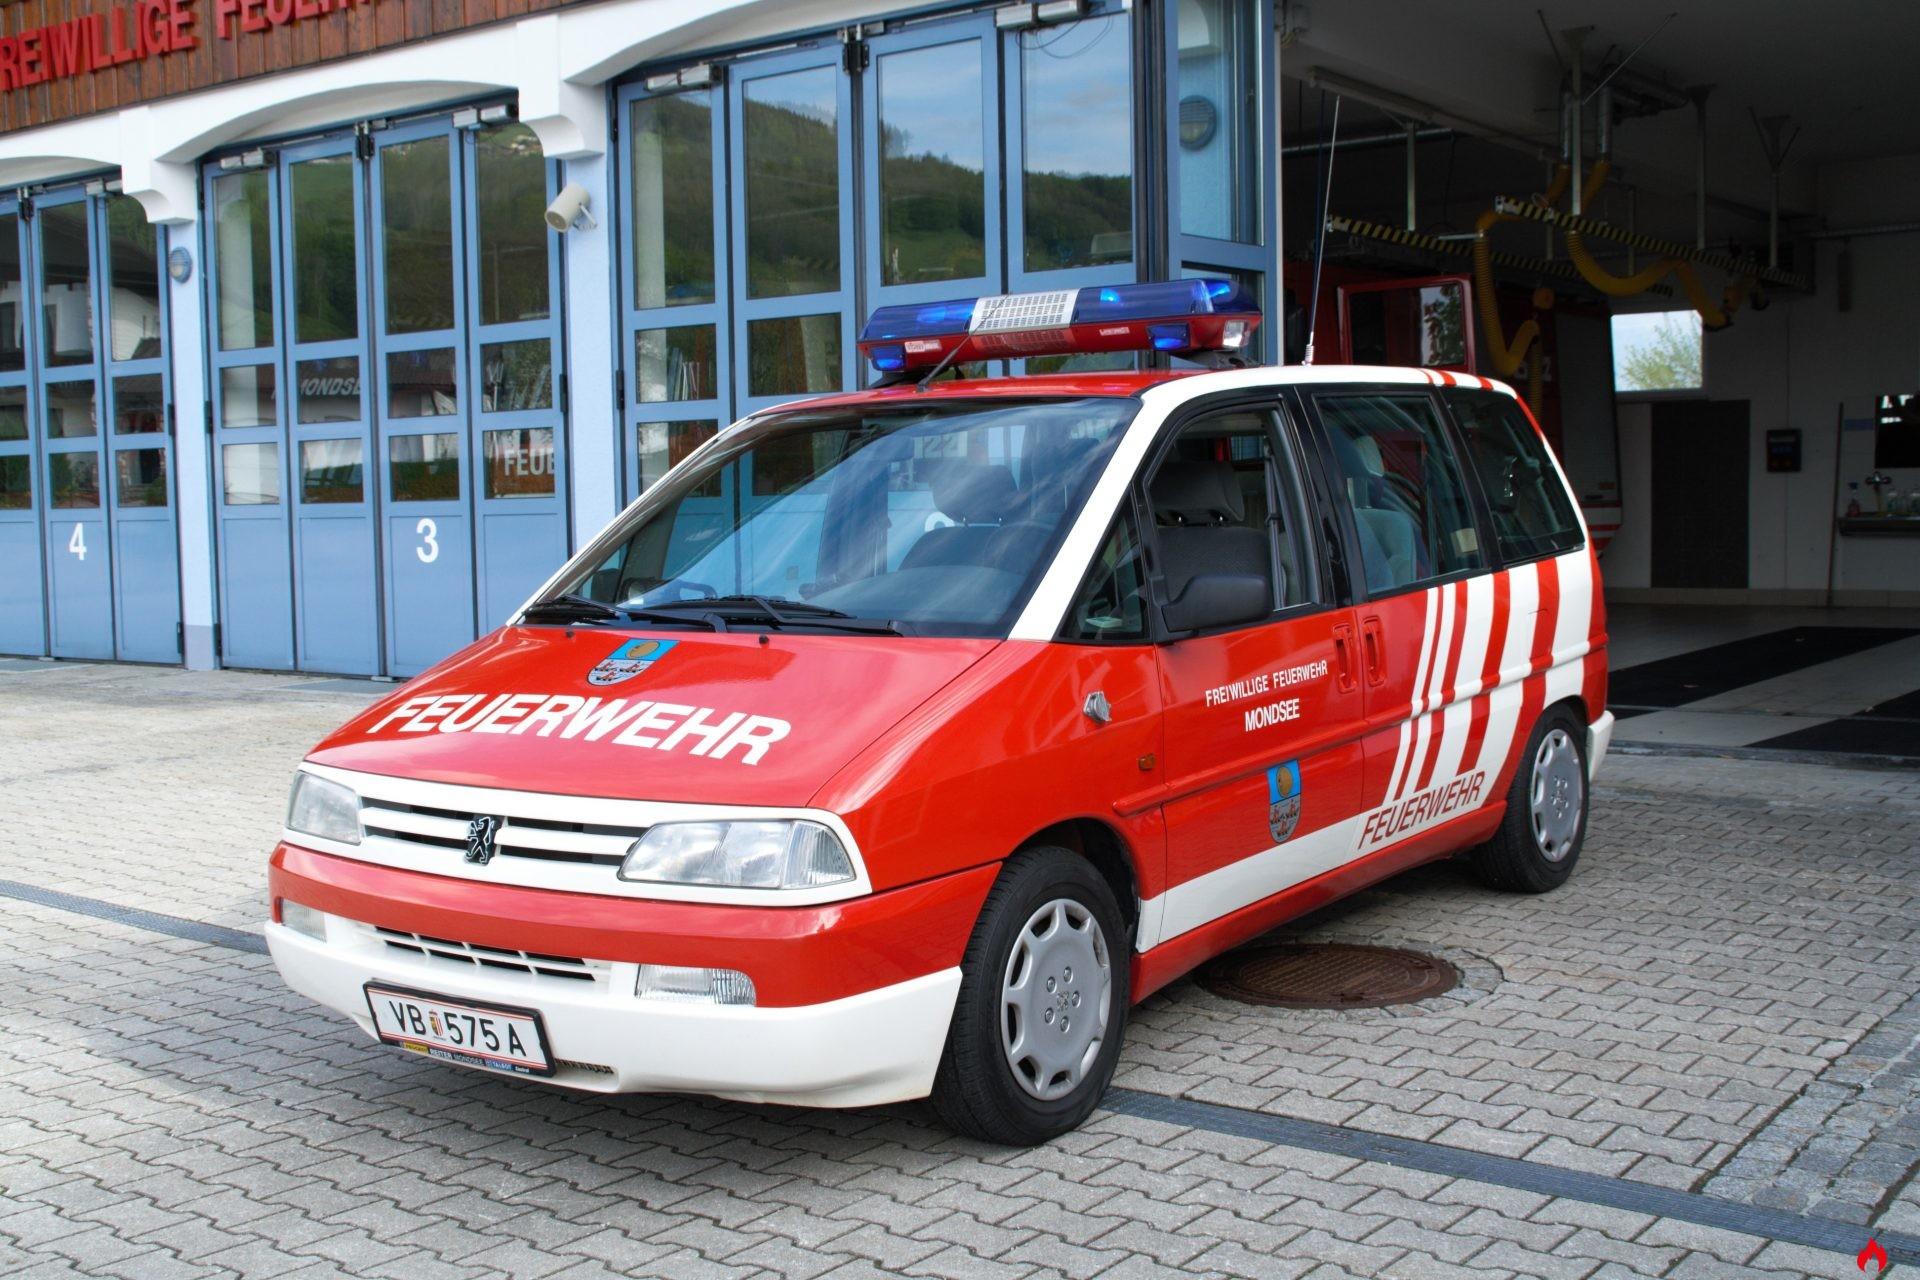 1996 VRF KDO Feuerwehr Mondsee